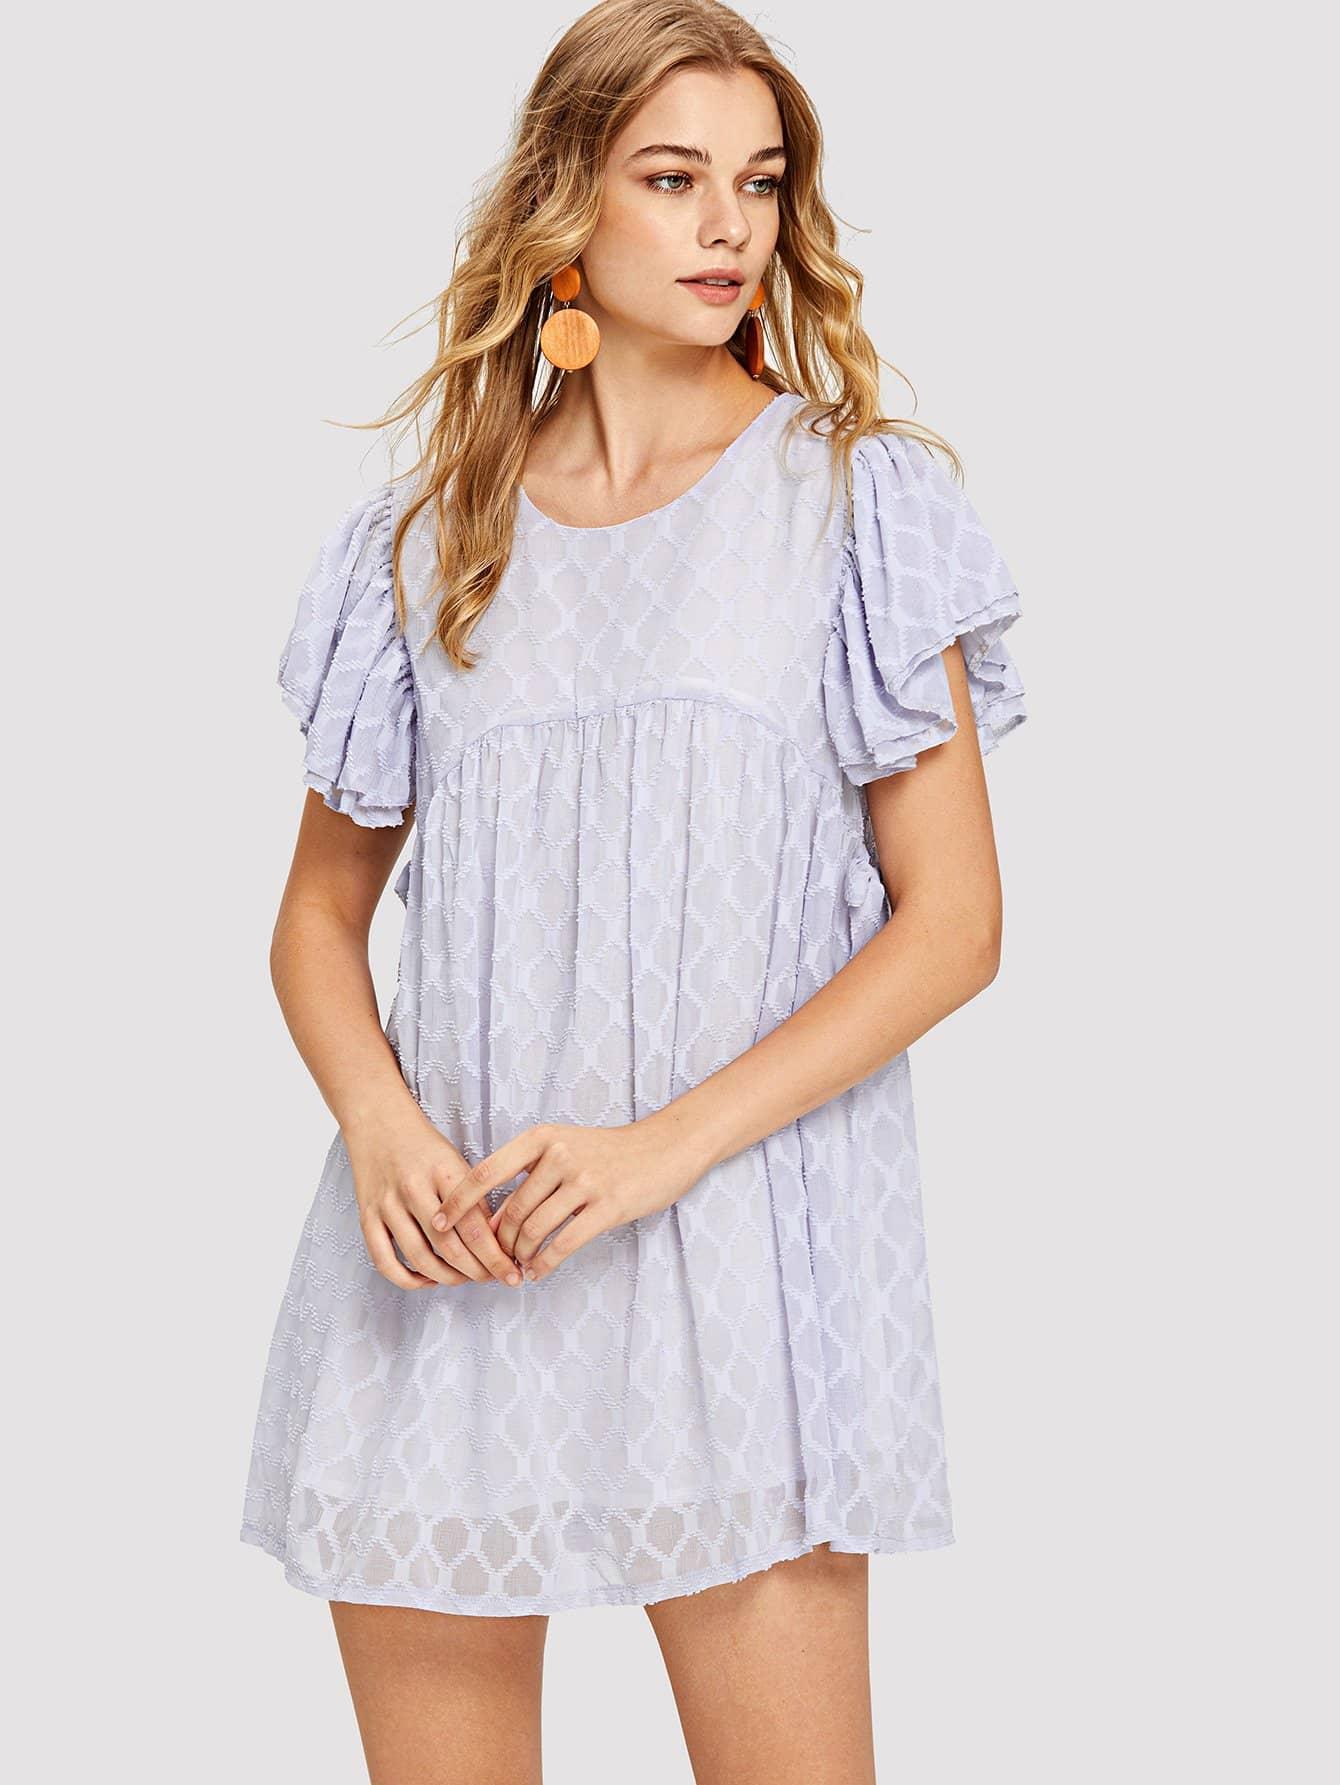 Купить Расческа Украшенное вышивальное факельное платье, Teresa, SheIn